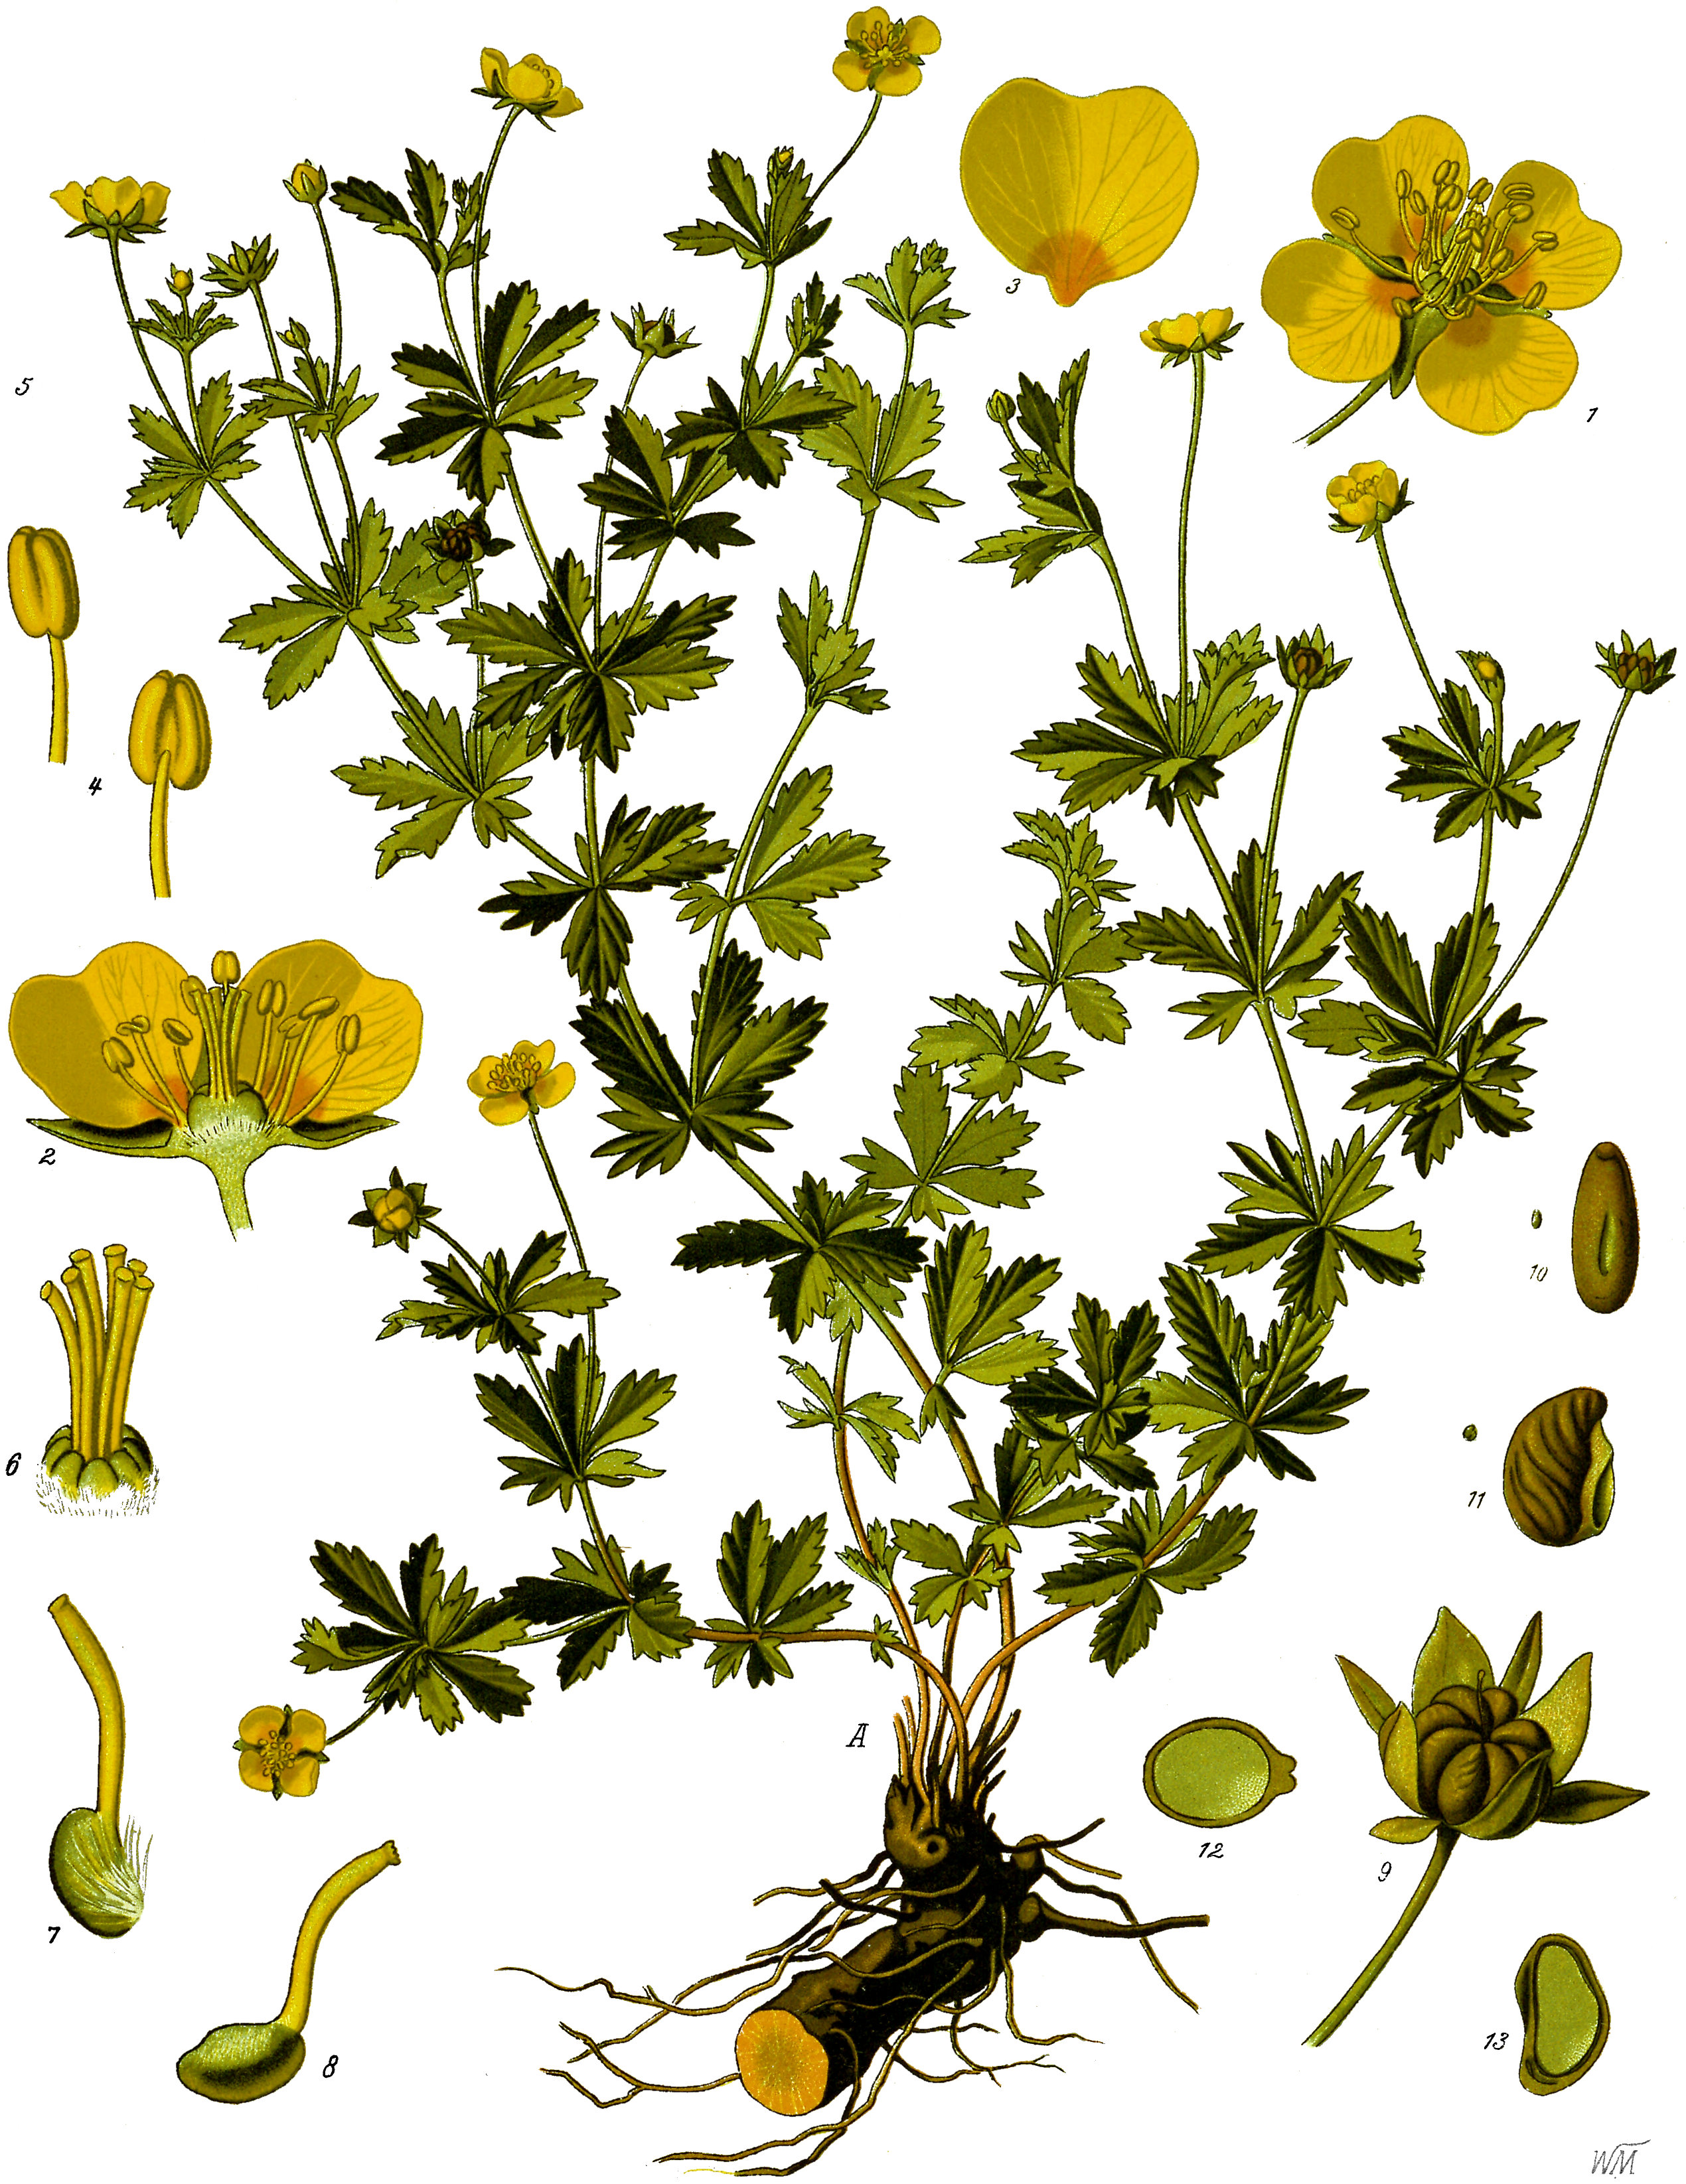 Pięciornik kurze ziele: zdjęcie